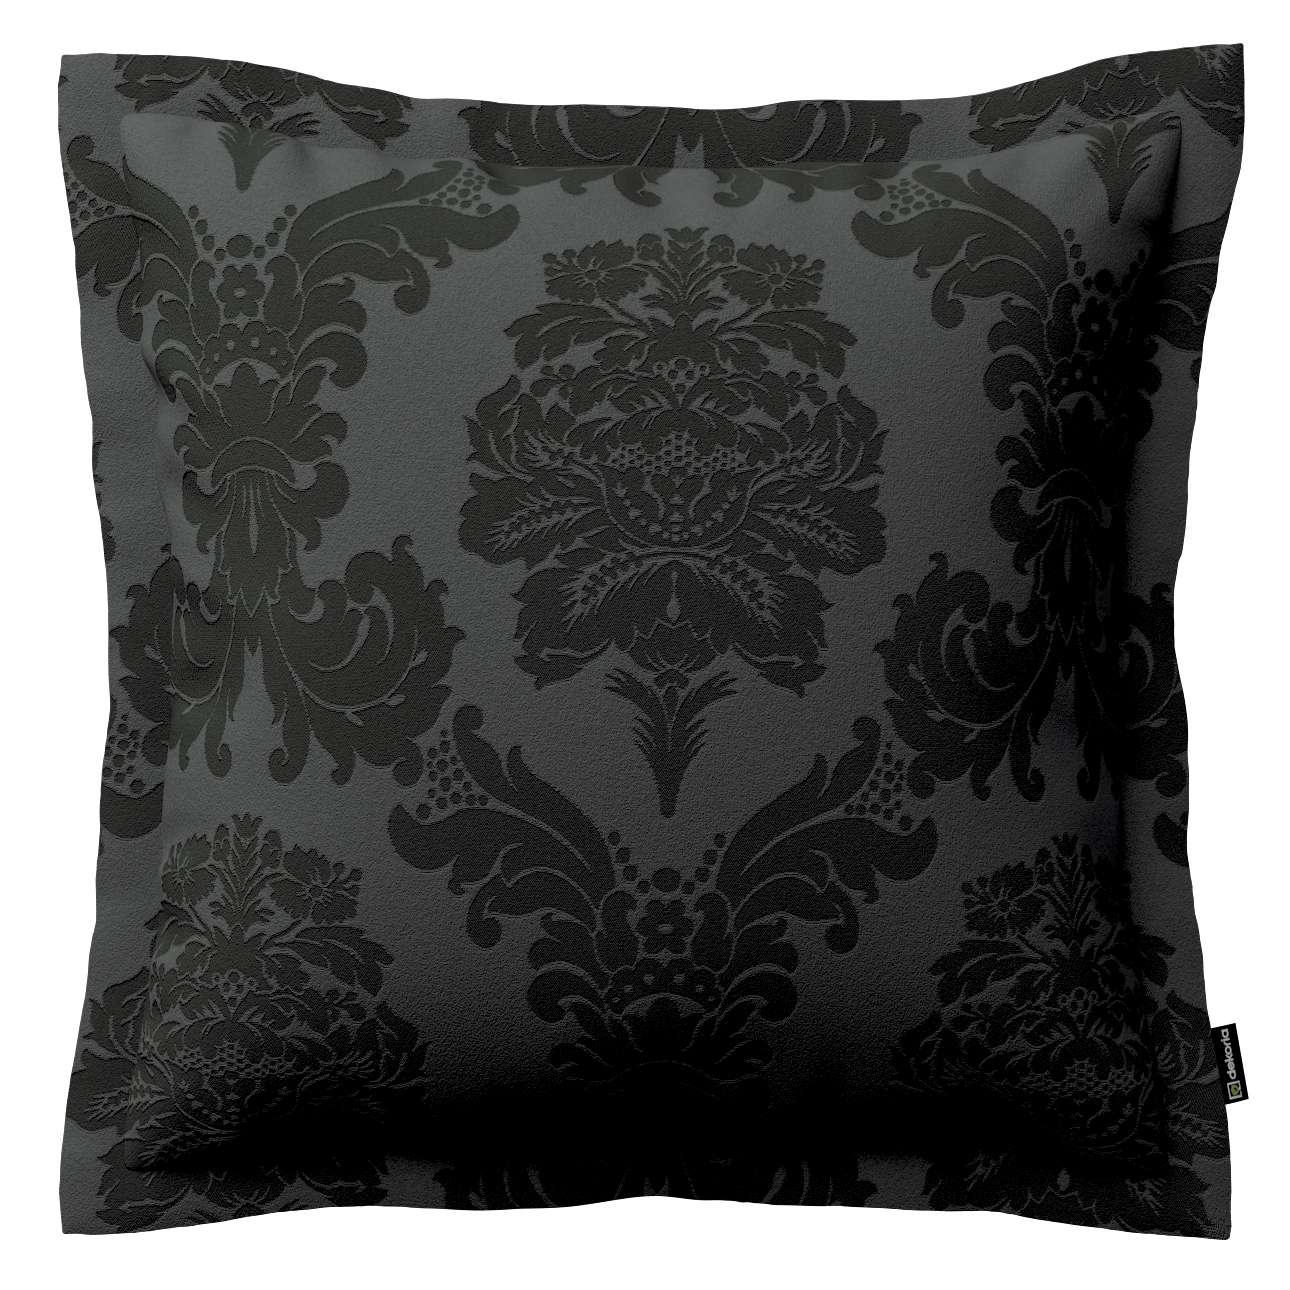 Mona dekoratyvinių pagalvėlių užvalkalas su sienele 38 x 38 cm kolekcijoje Damasco, audinys: 613-32